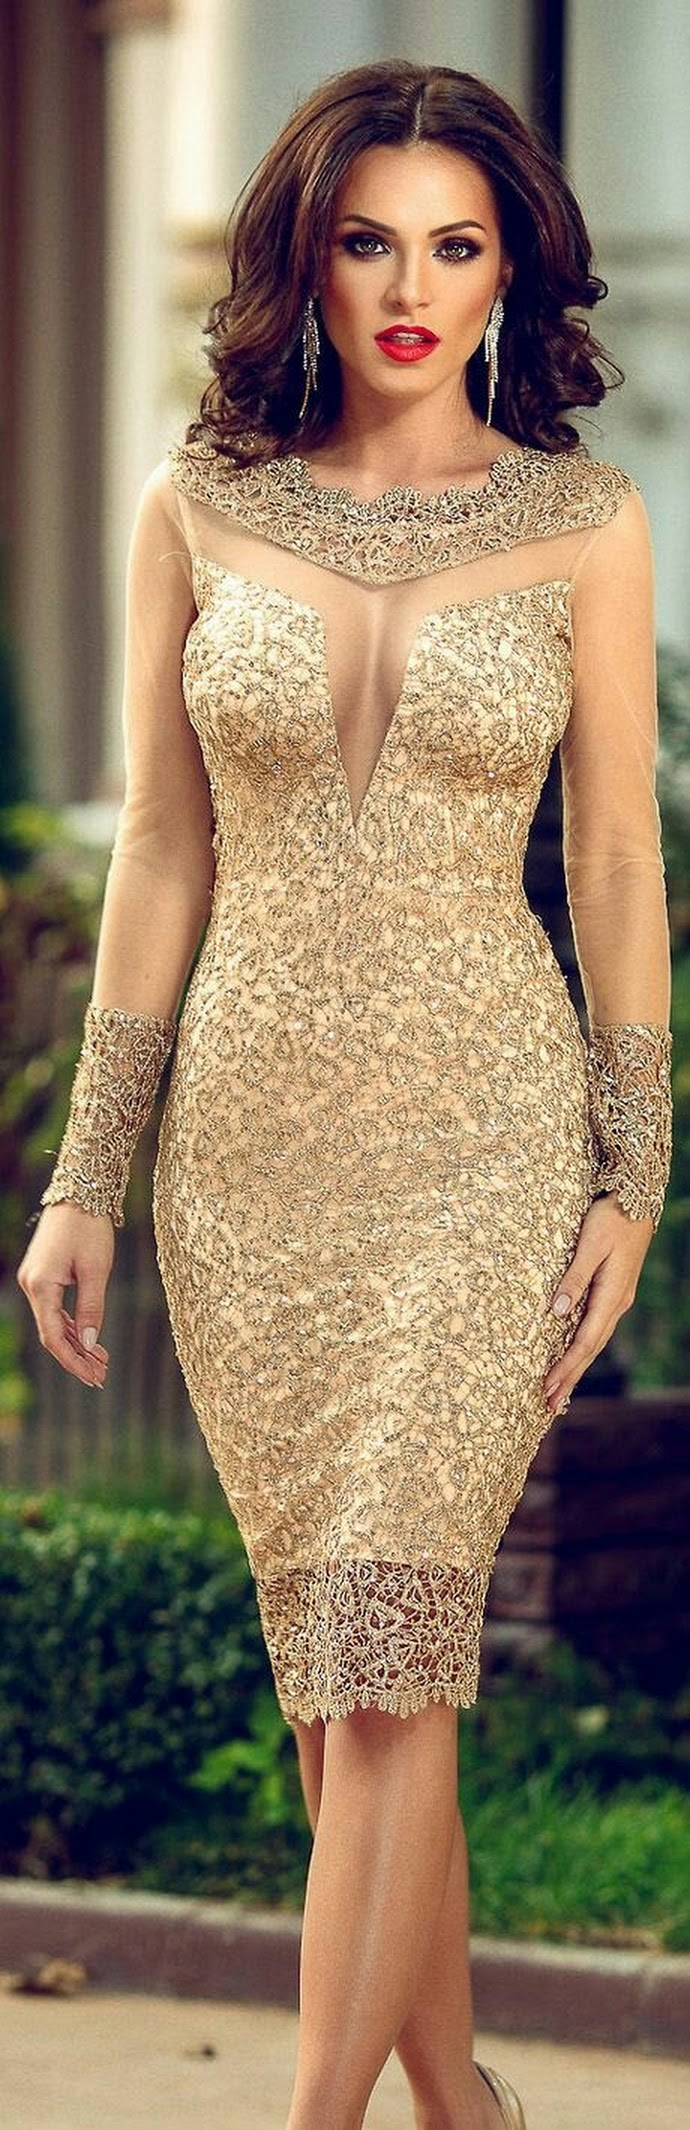 Linda noche amigos noche de fiesta - Carolina Lopez - Google+   Moda ...